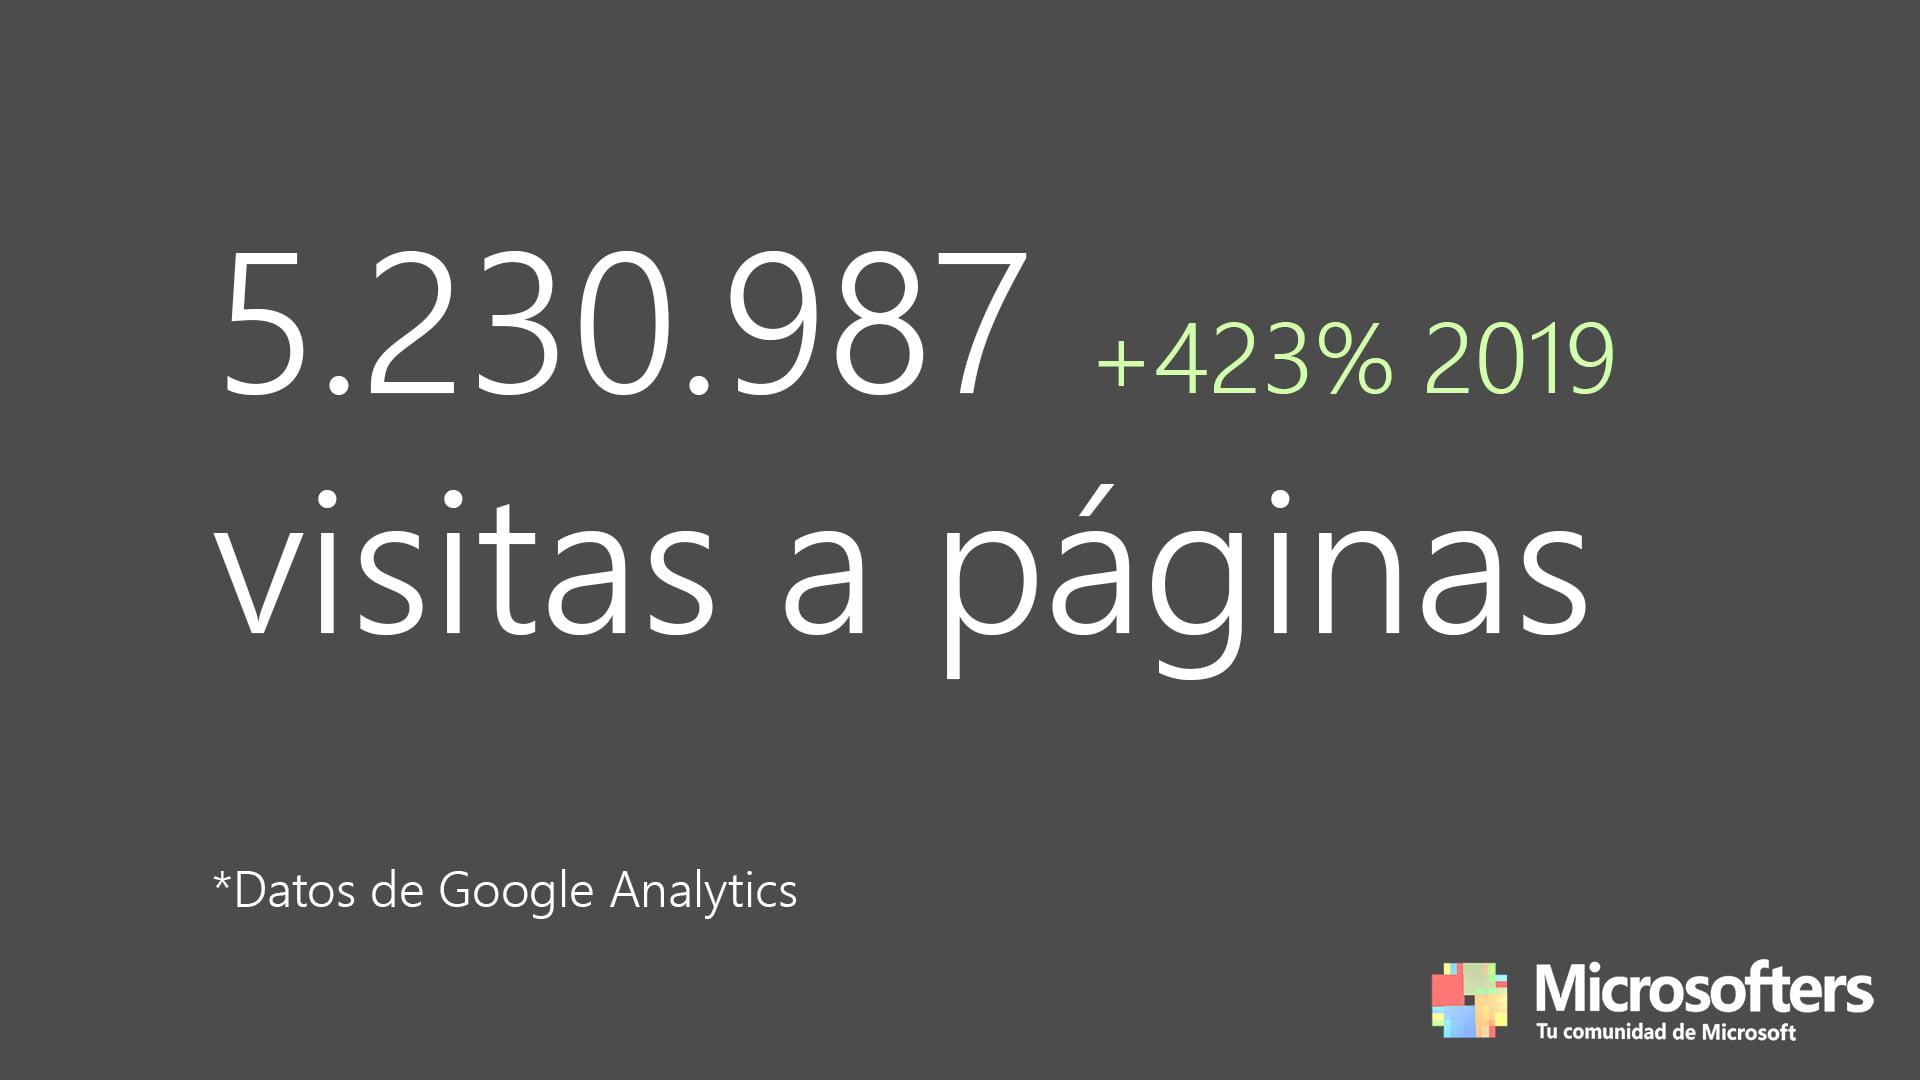 5.230.987 visitas a páginas